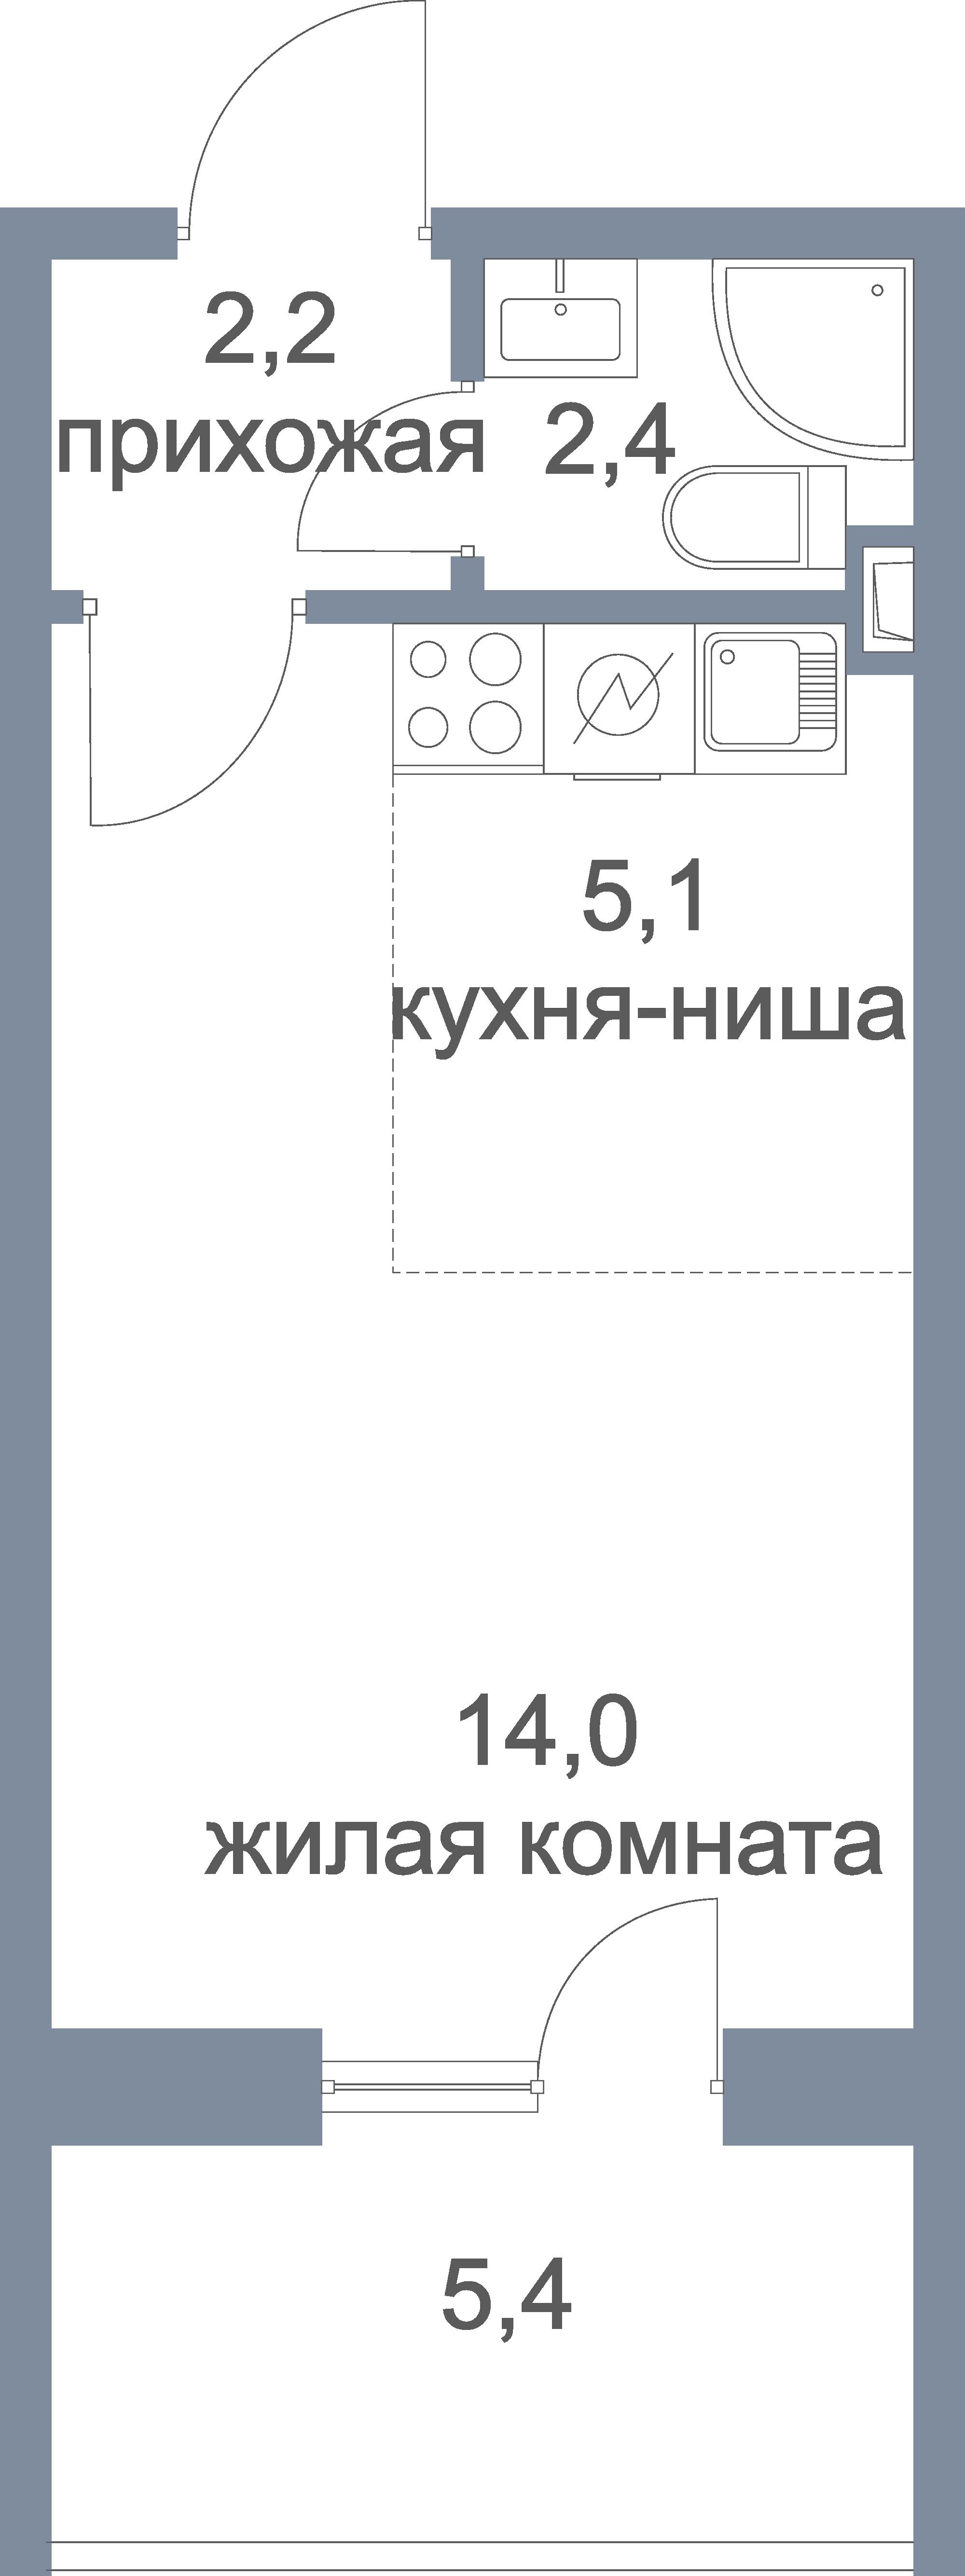 https://pb3241.profitbase.ru/uploads/preset/3241/5d0ca053201b8.png